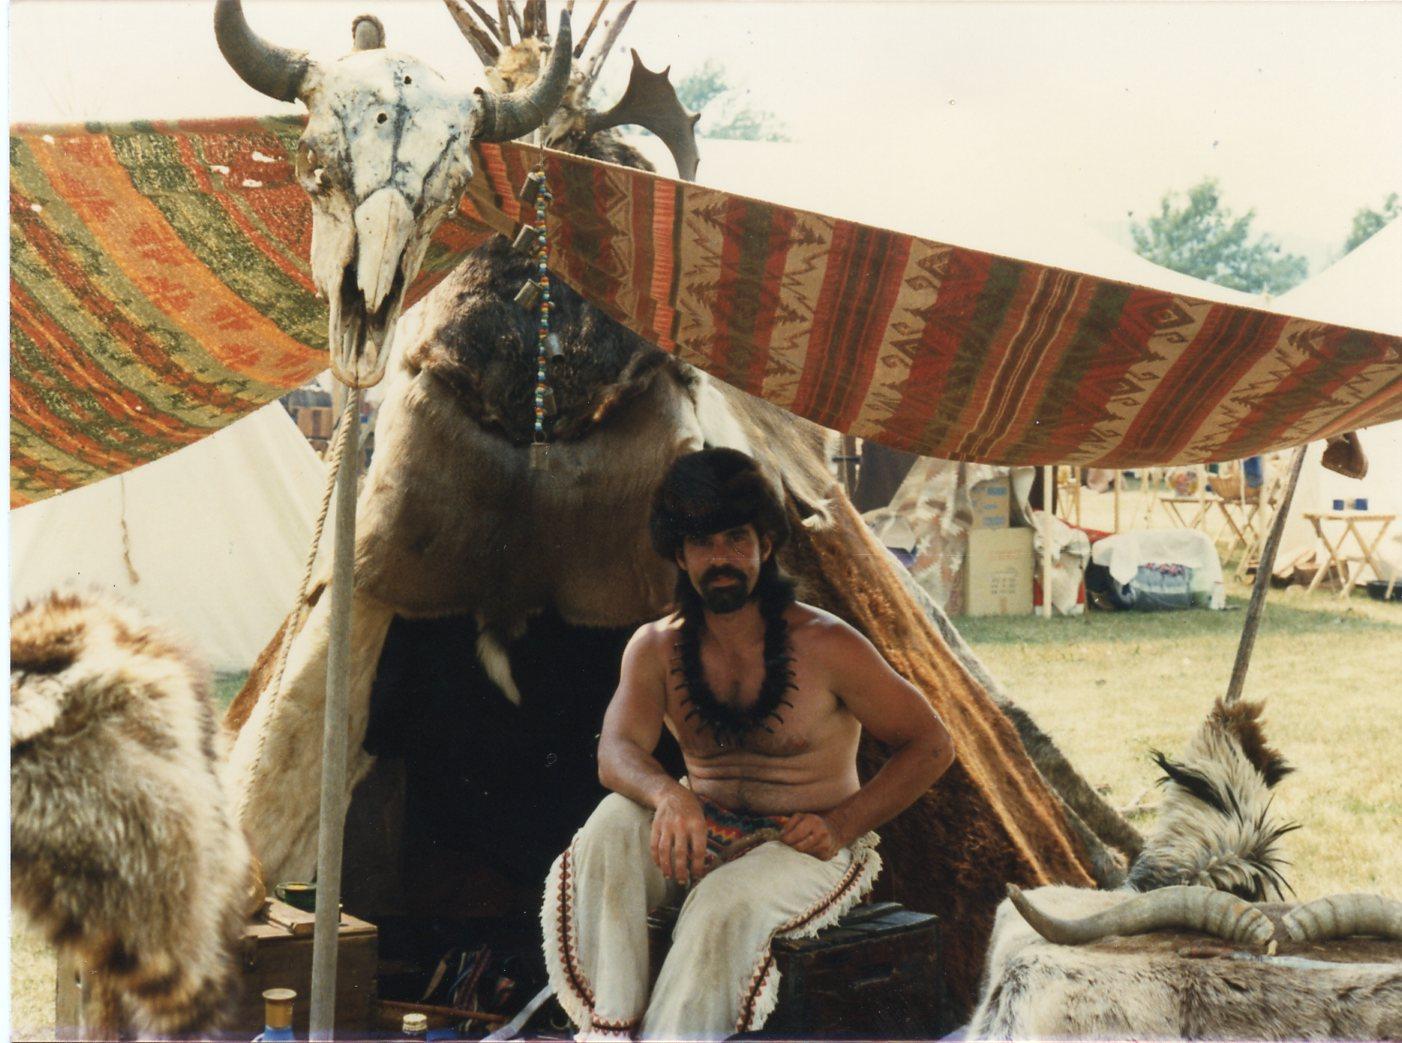 '87 Prairie Du Chien